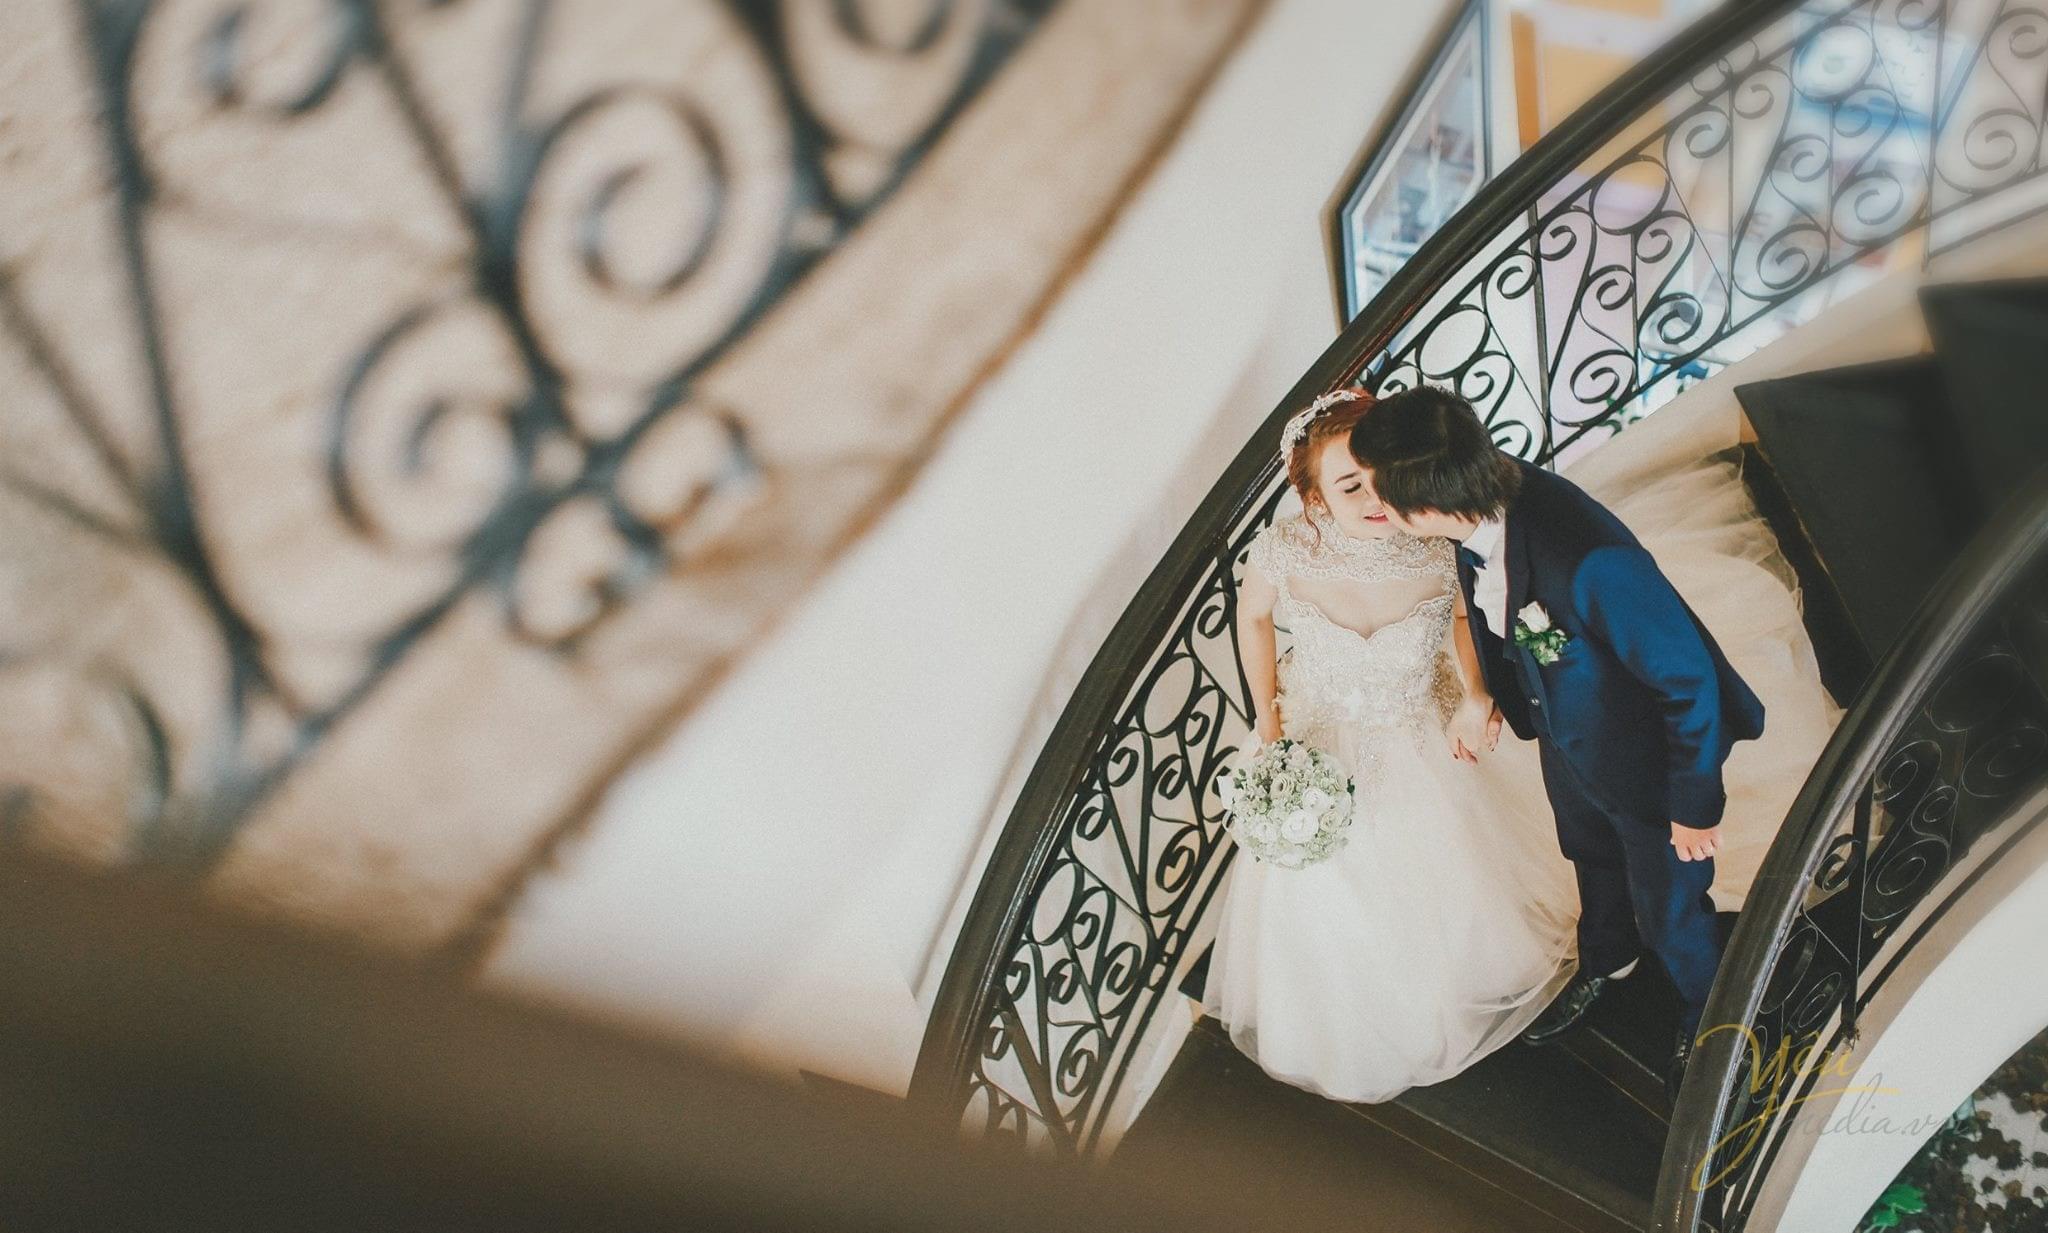 ảnh phóng sự cưới chụp từ xa cô dâu chú rể nắm tay nhau đi xuống cầu thang